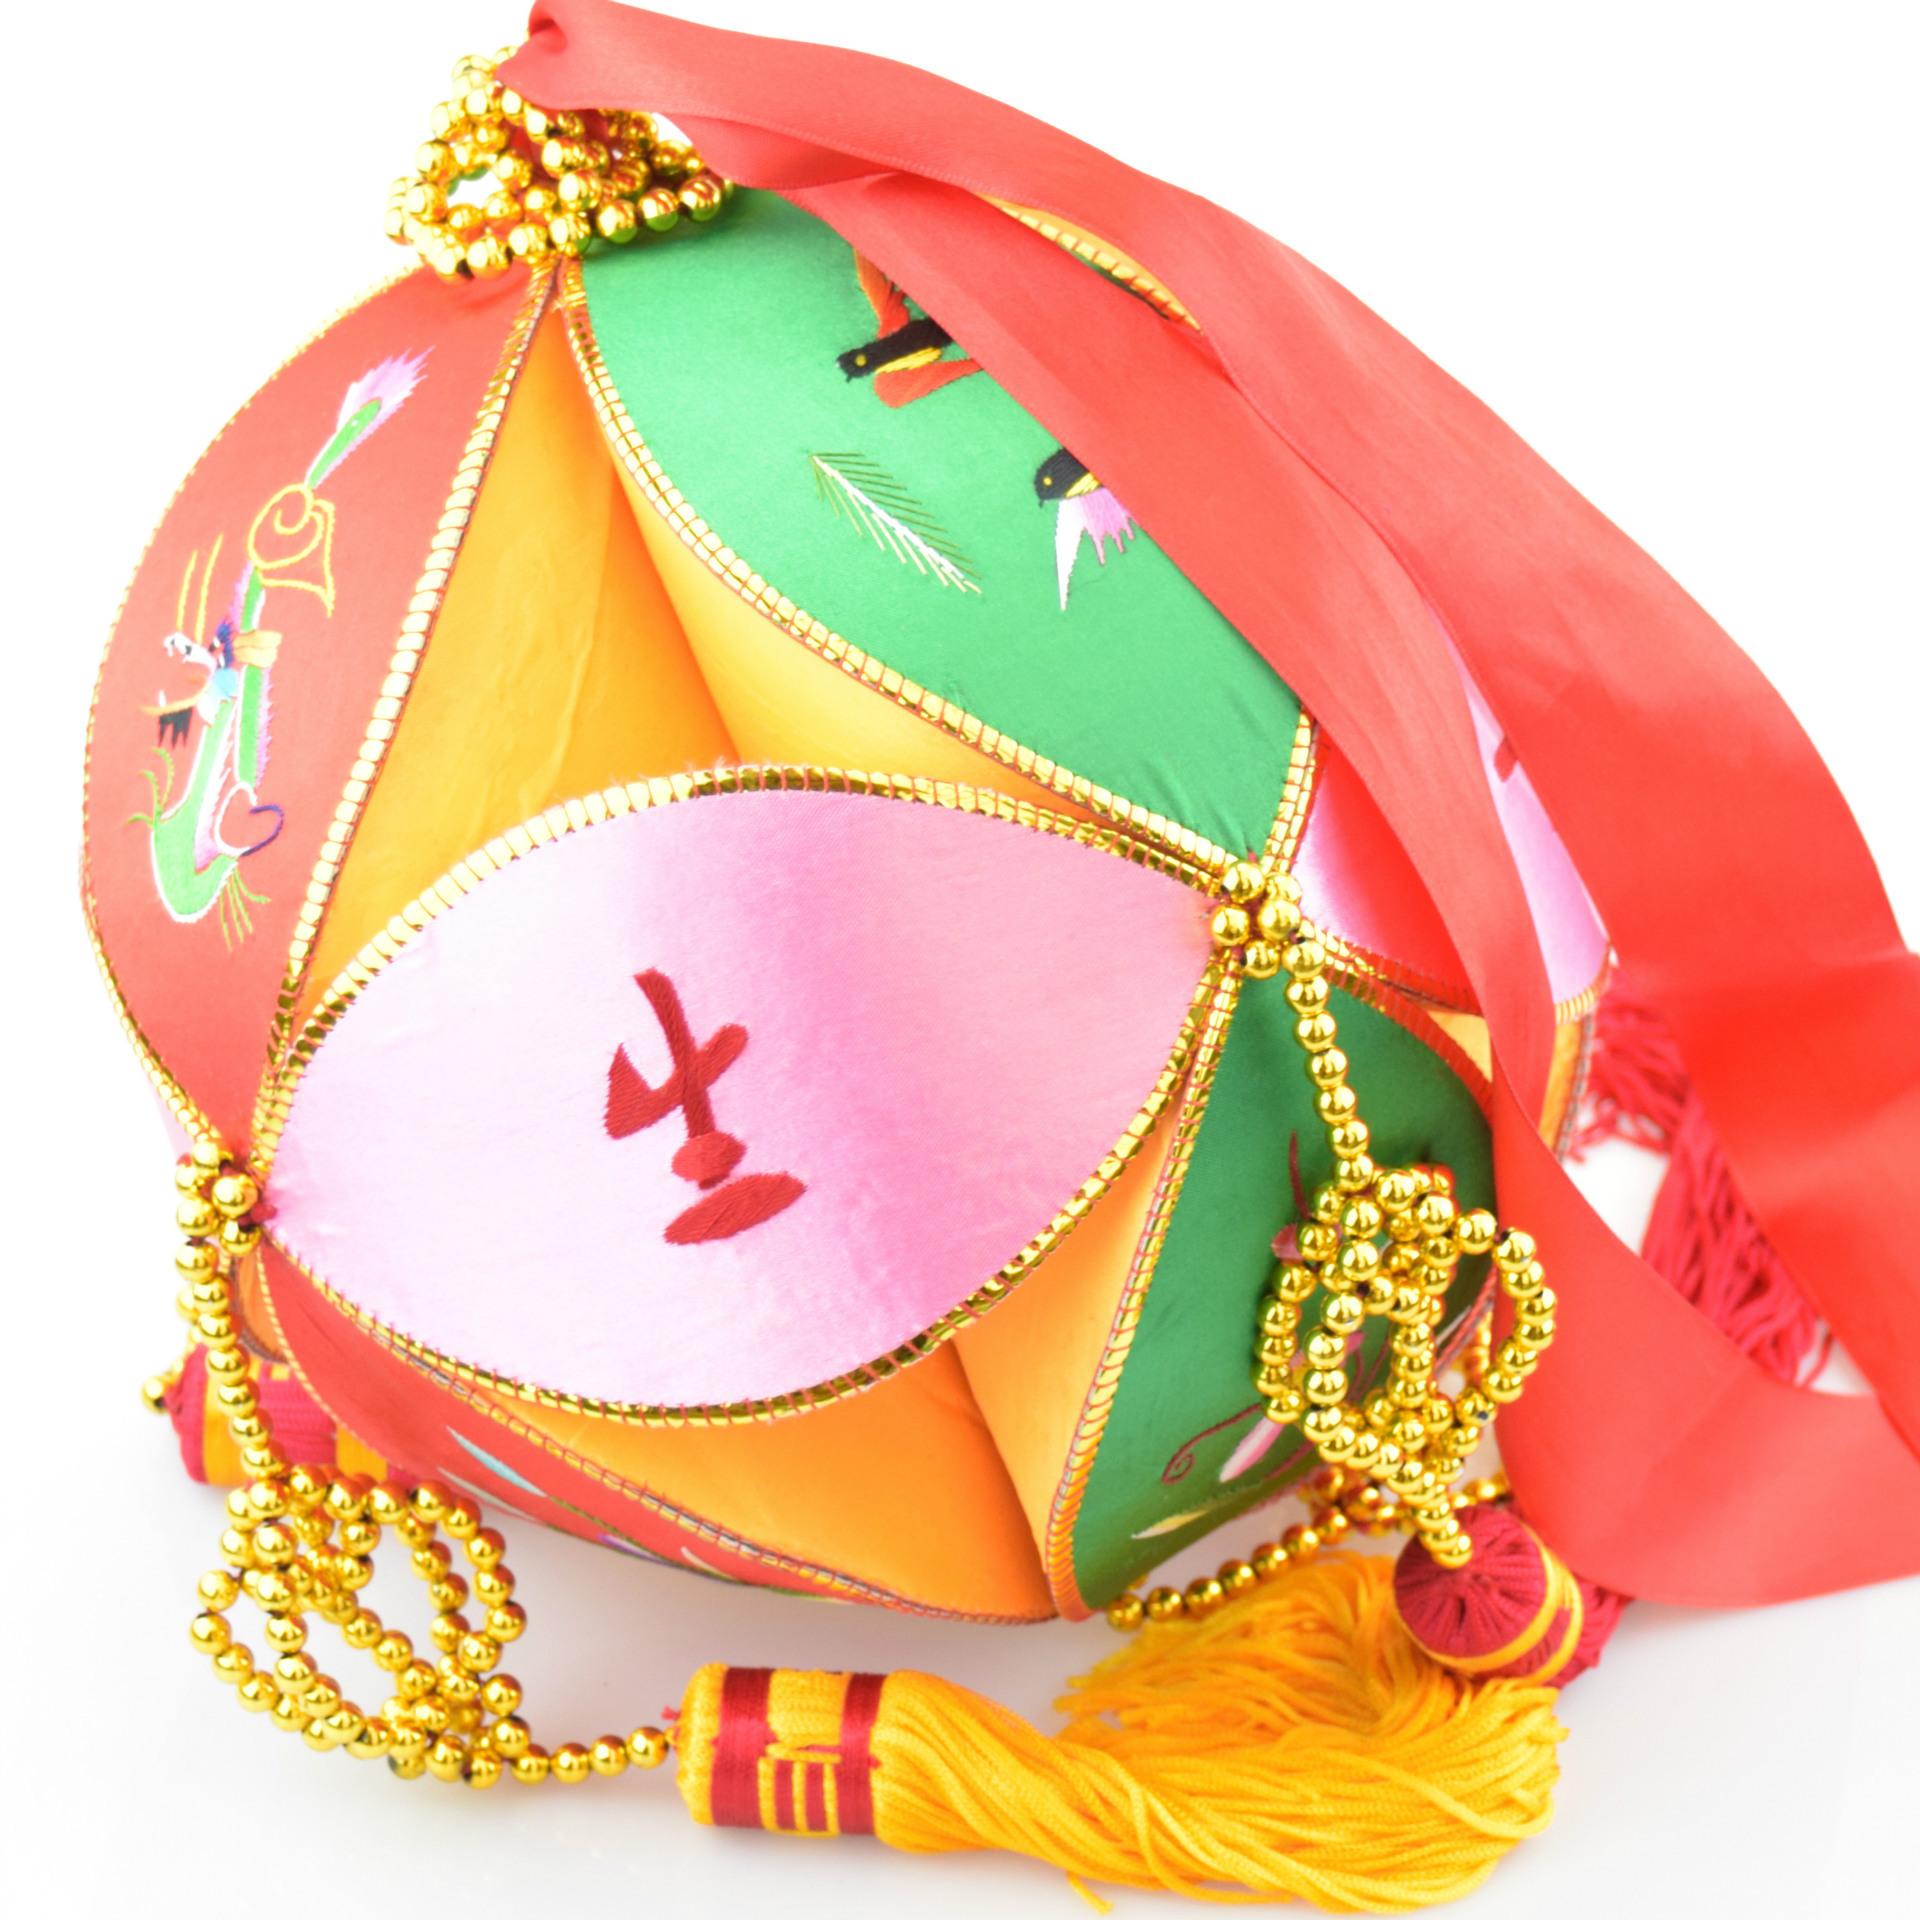 广西壮族手工绣球 桂林民族特色纯手工刺绣一生平安 20公分绣球图片